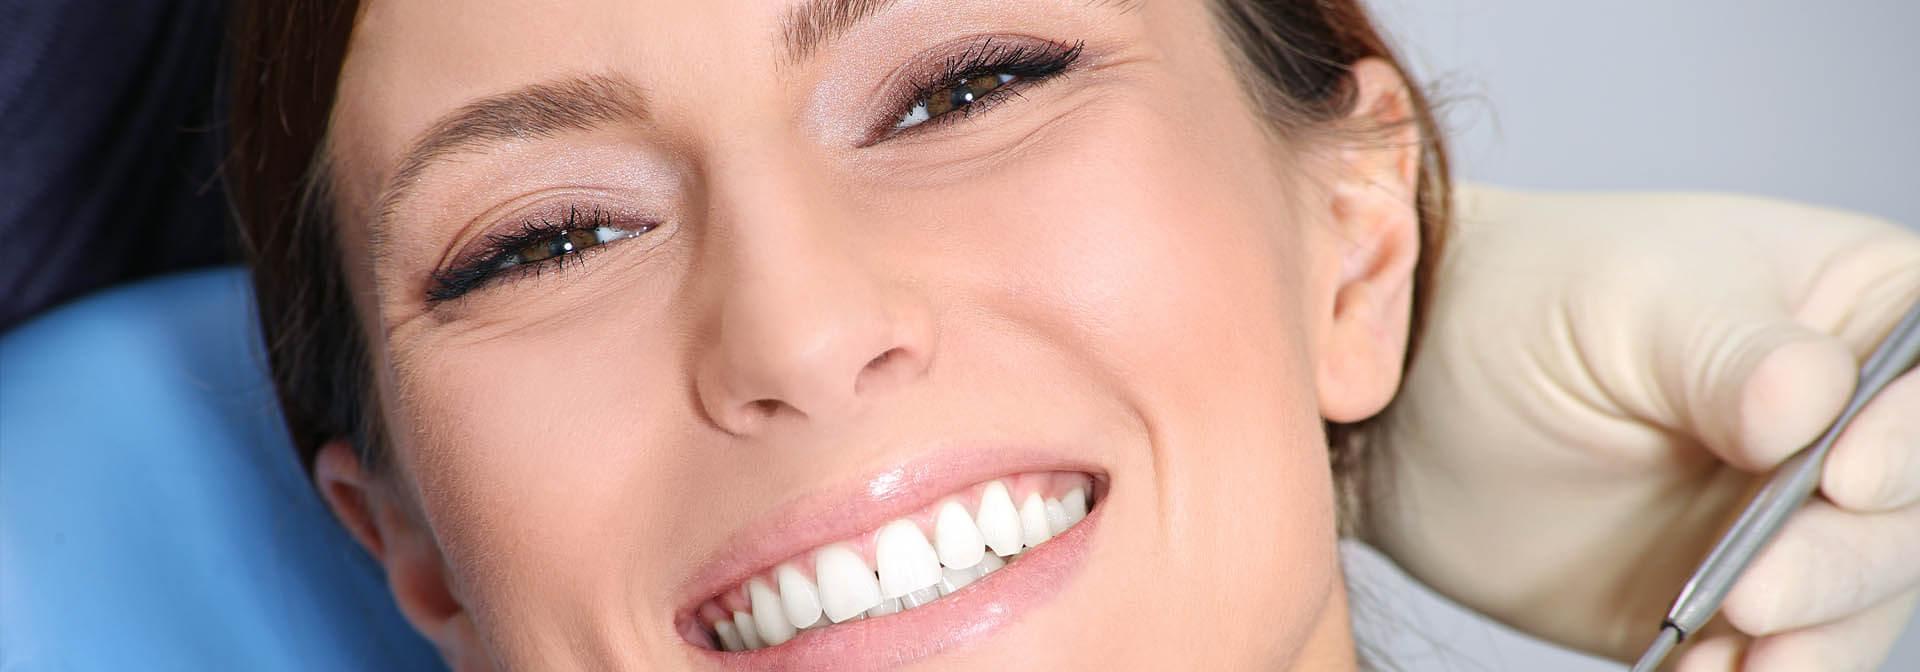 die meist verbreiteten zahnprobleme